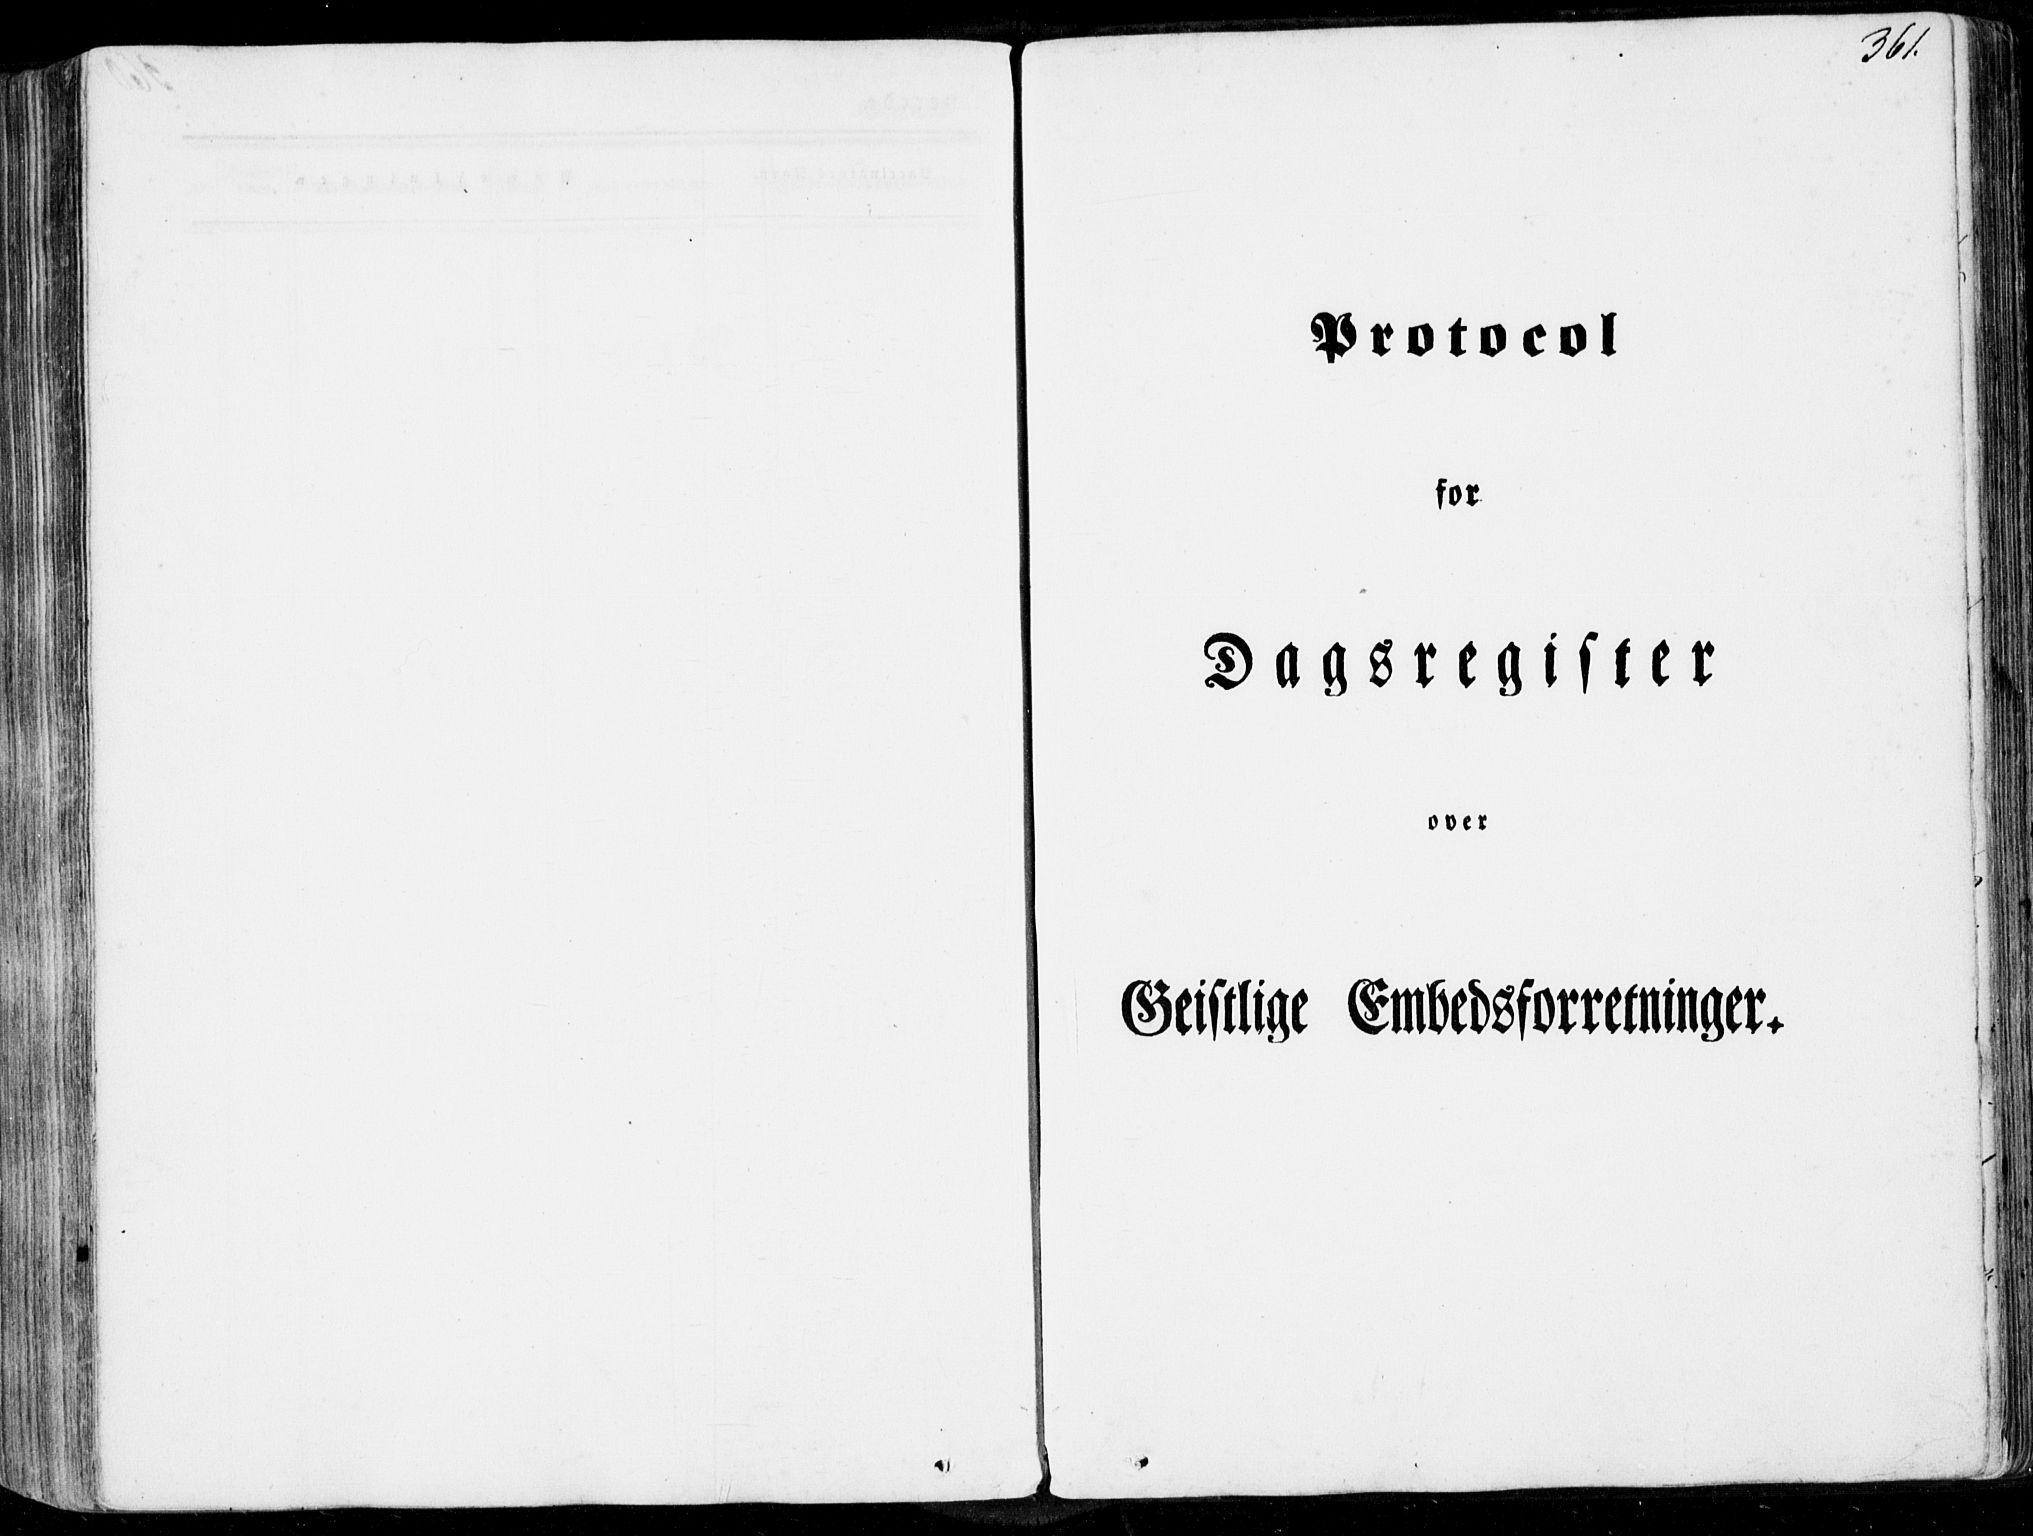 SAT, Ministerialprotokoller, klokkerbøker og fødselsregistre - Møre og Romsdal, 536/L0497: Ministerialbok nr. 536A06, 1845-1865, s. 361